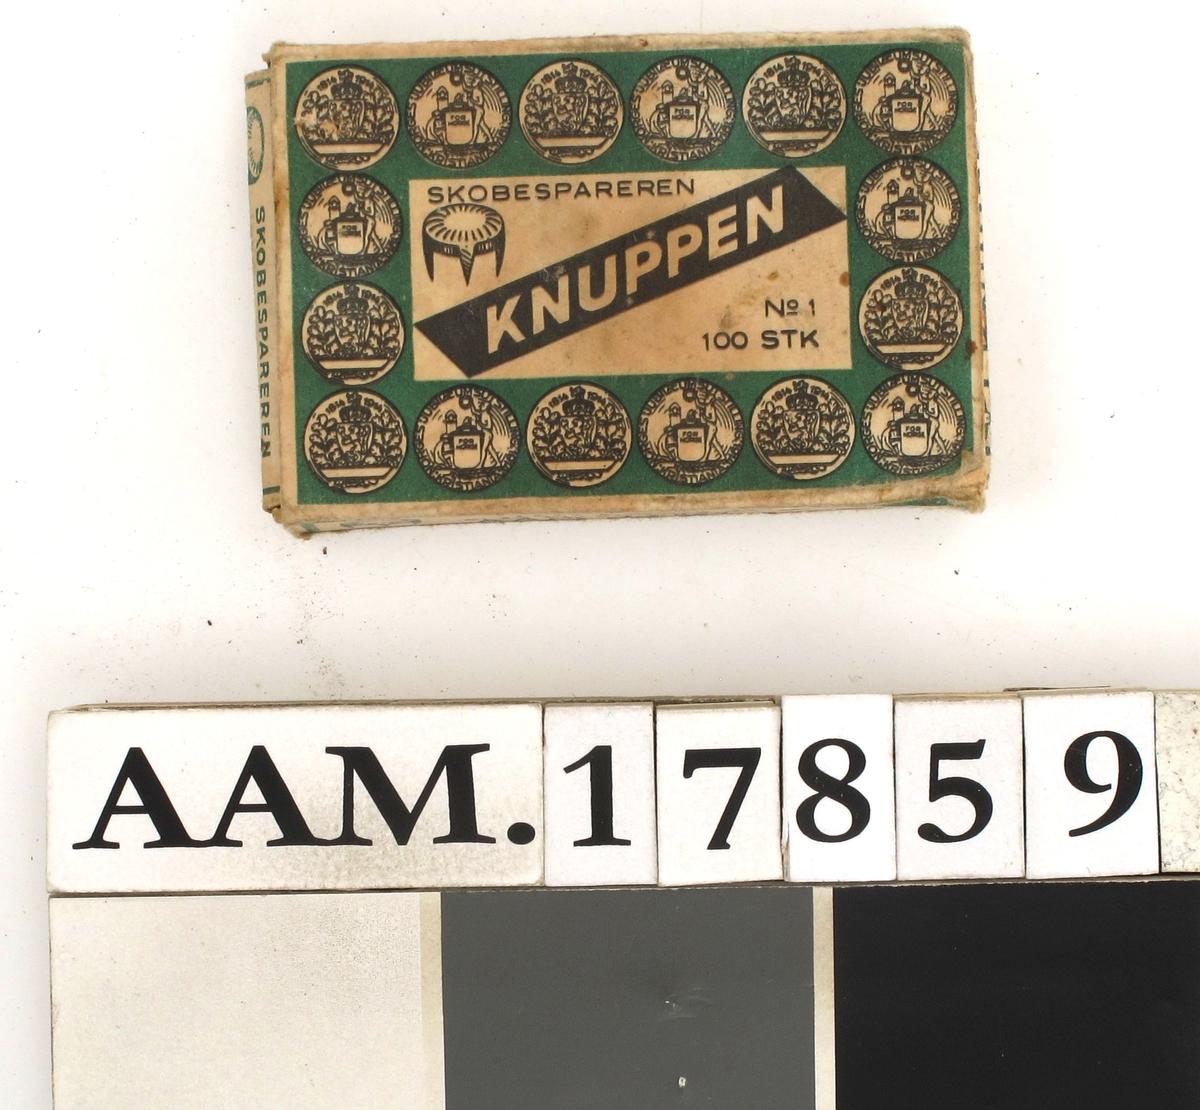 """En eske skobesparere """"Knuppen"""".  Ca. 1915.  Pappeske med sort tekst på hvit og grønn bunn: """"Skobespareren Knuppen no. 1  100 stk"""" med en rekke medaljer rundt fra utstillingen 1814-1914 i Christiania.  Merket """"norsk fabrikat"""" men uten firmaangivelse.  Lå i pengeskrin AAM.17858 fra banksjef Gjeruld Fløistad, antagelig fra huset Teaterplassen 1."""